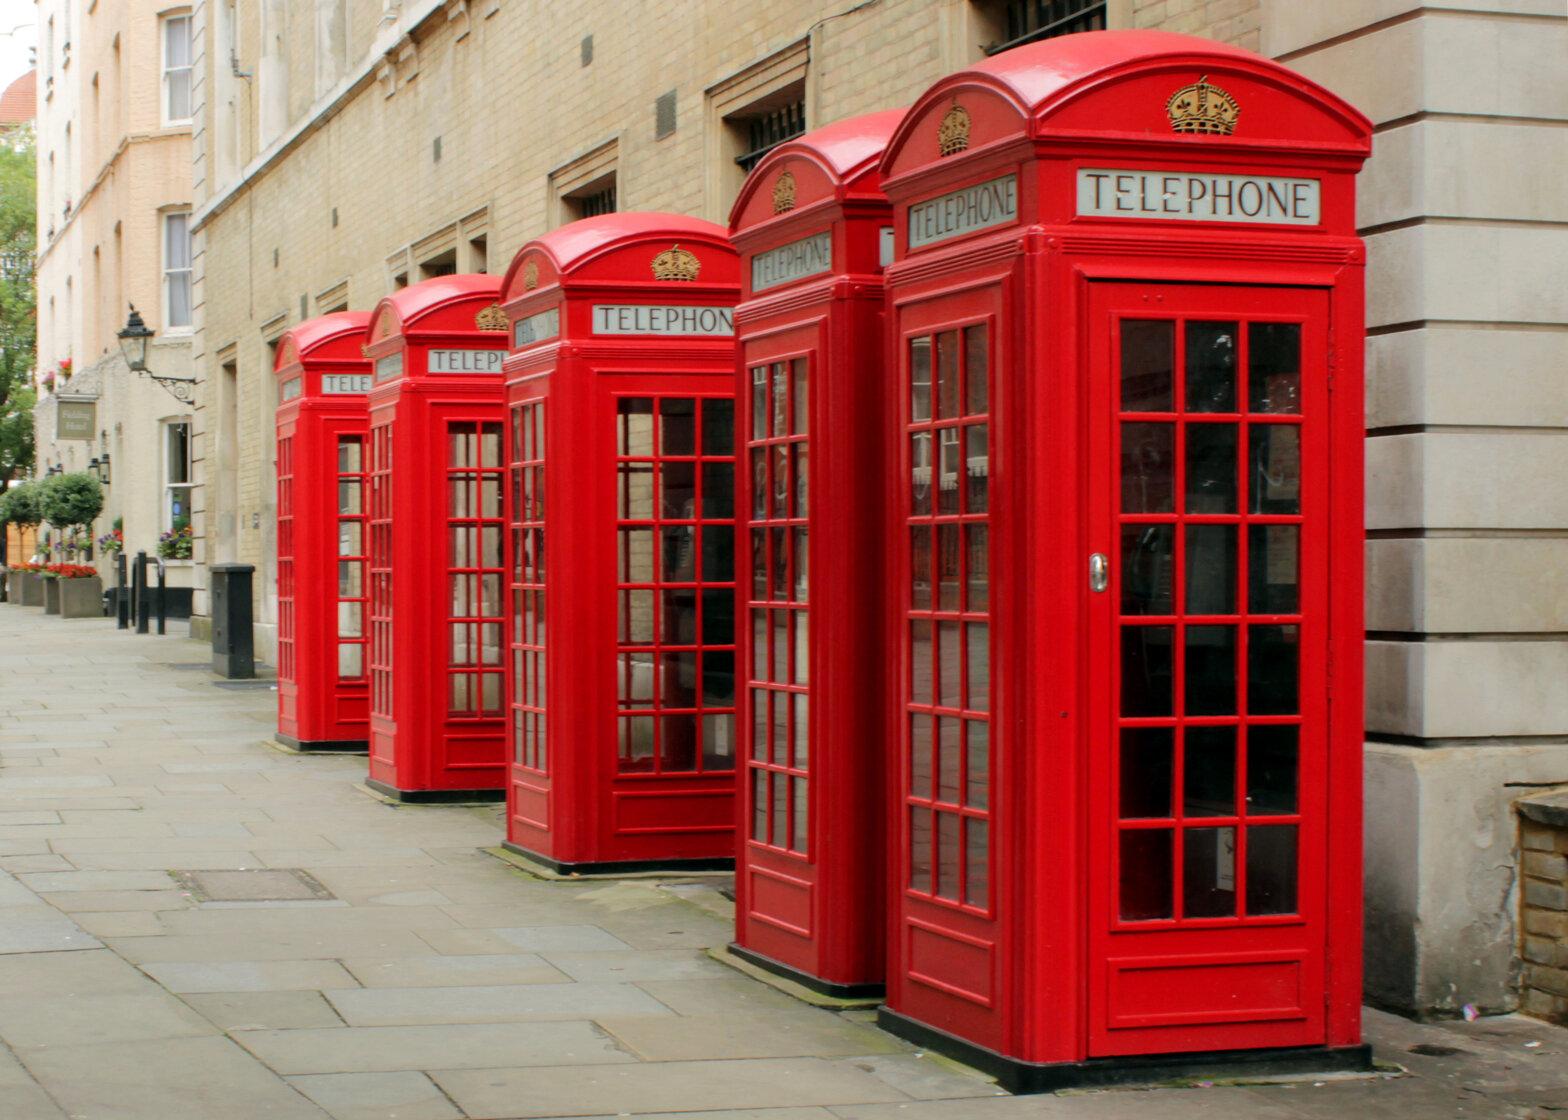 Червона телефонна будка отримала статус архітектурного об'єкта